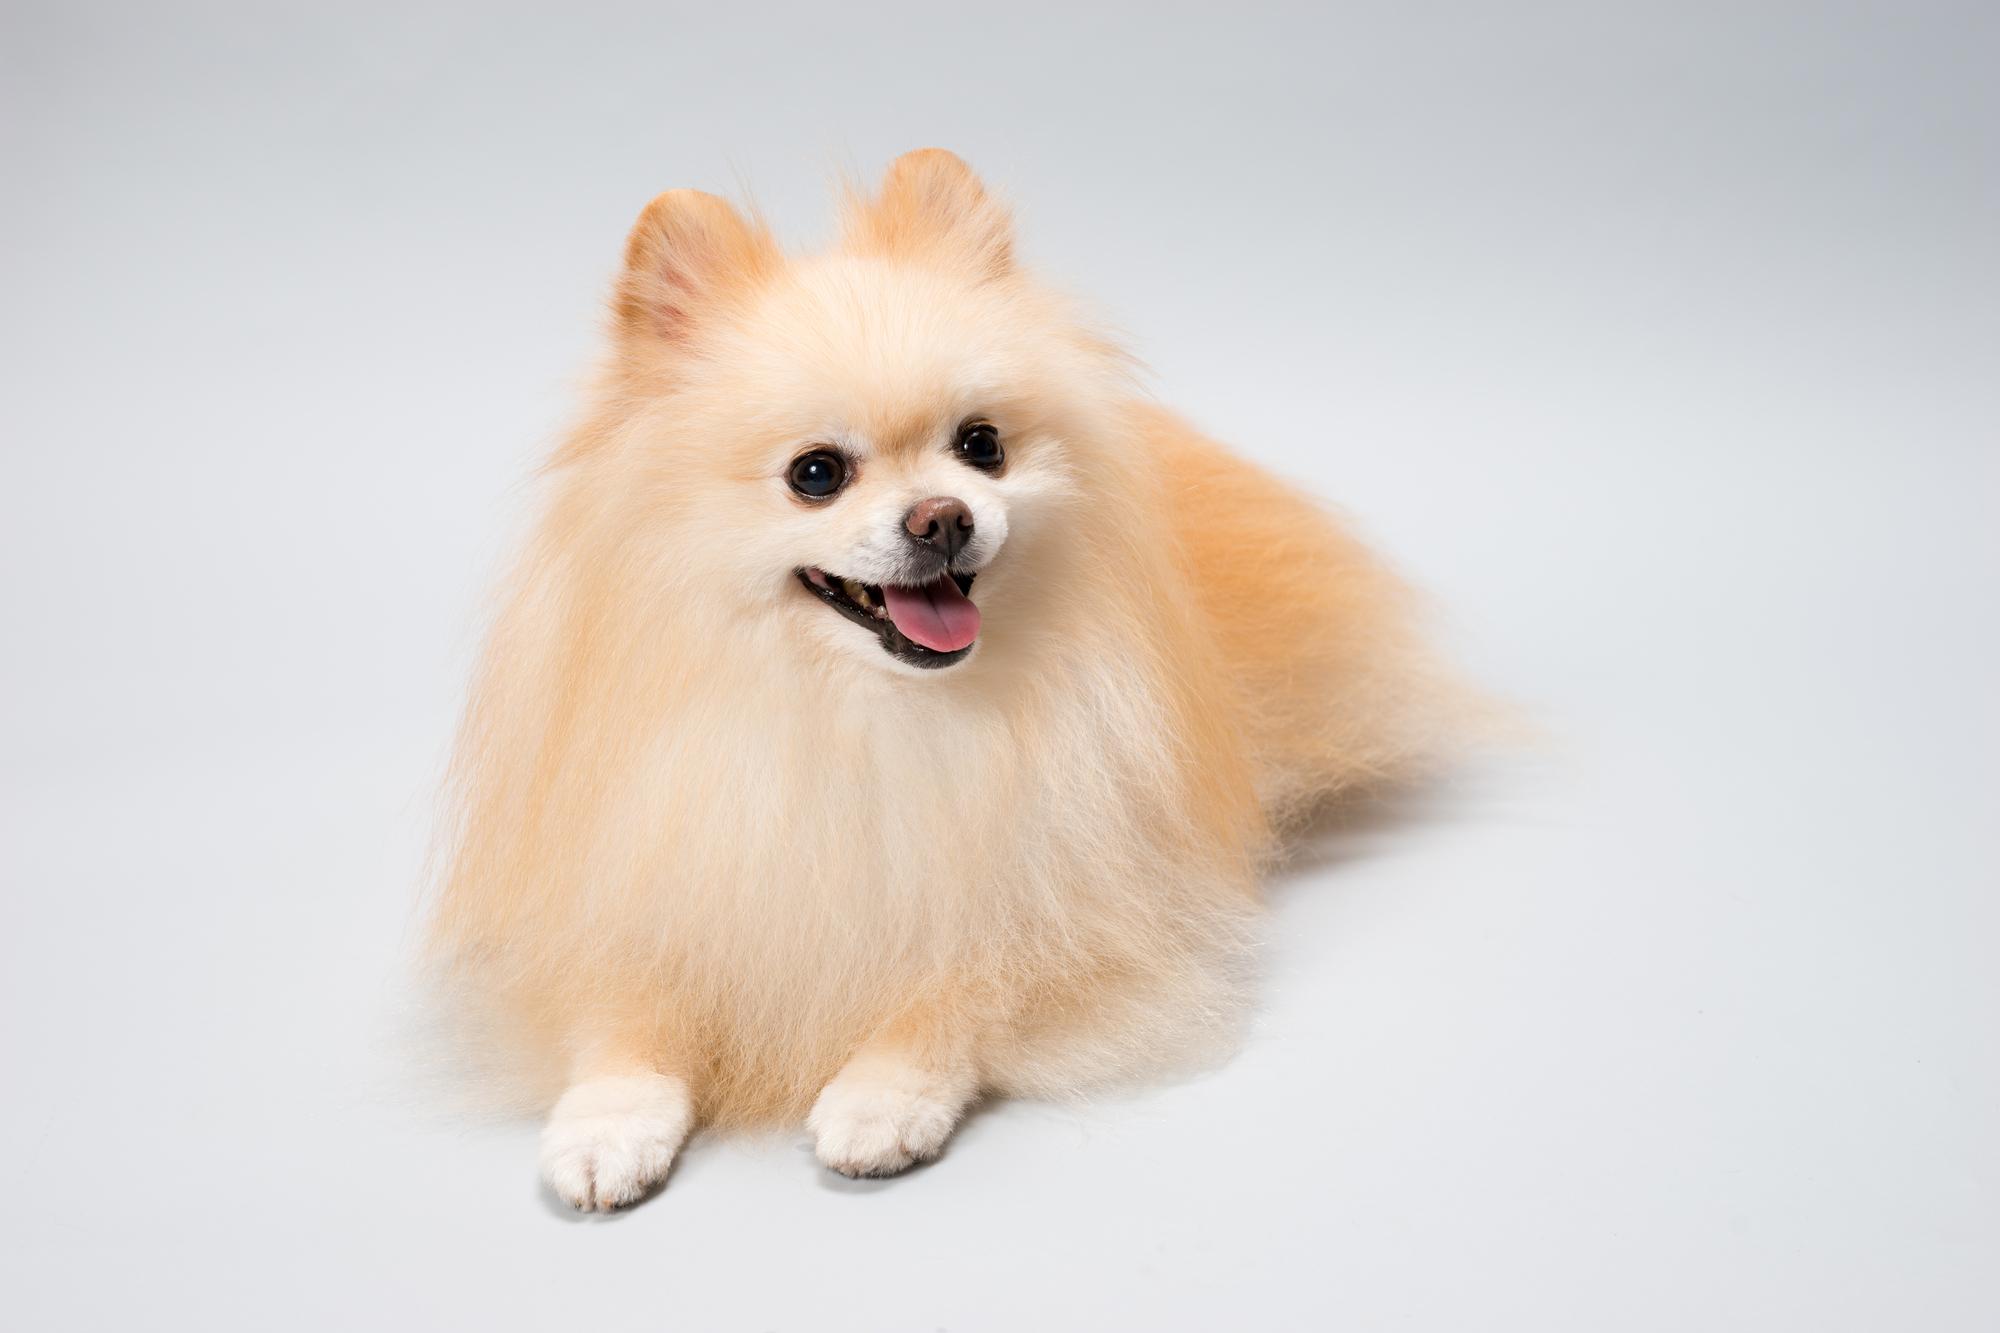 小型犬で人気の種類は?トイプードルみたいに温厚で賢い犬?